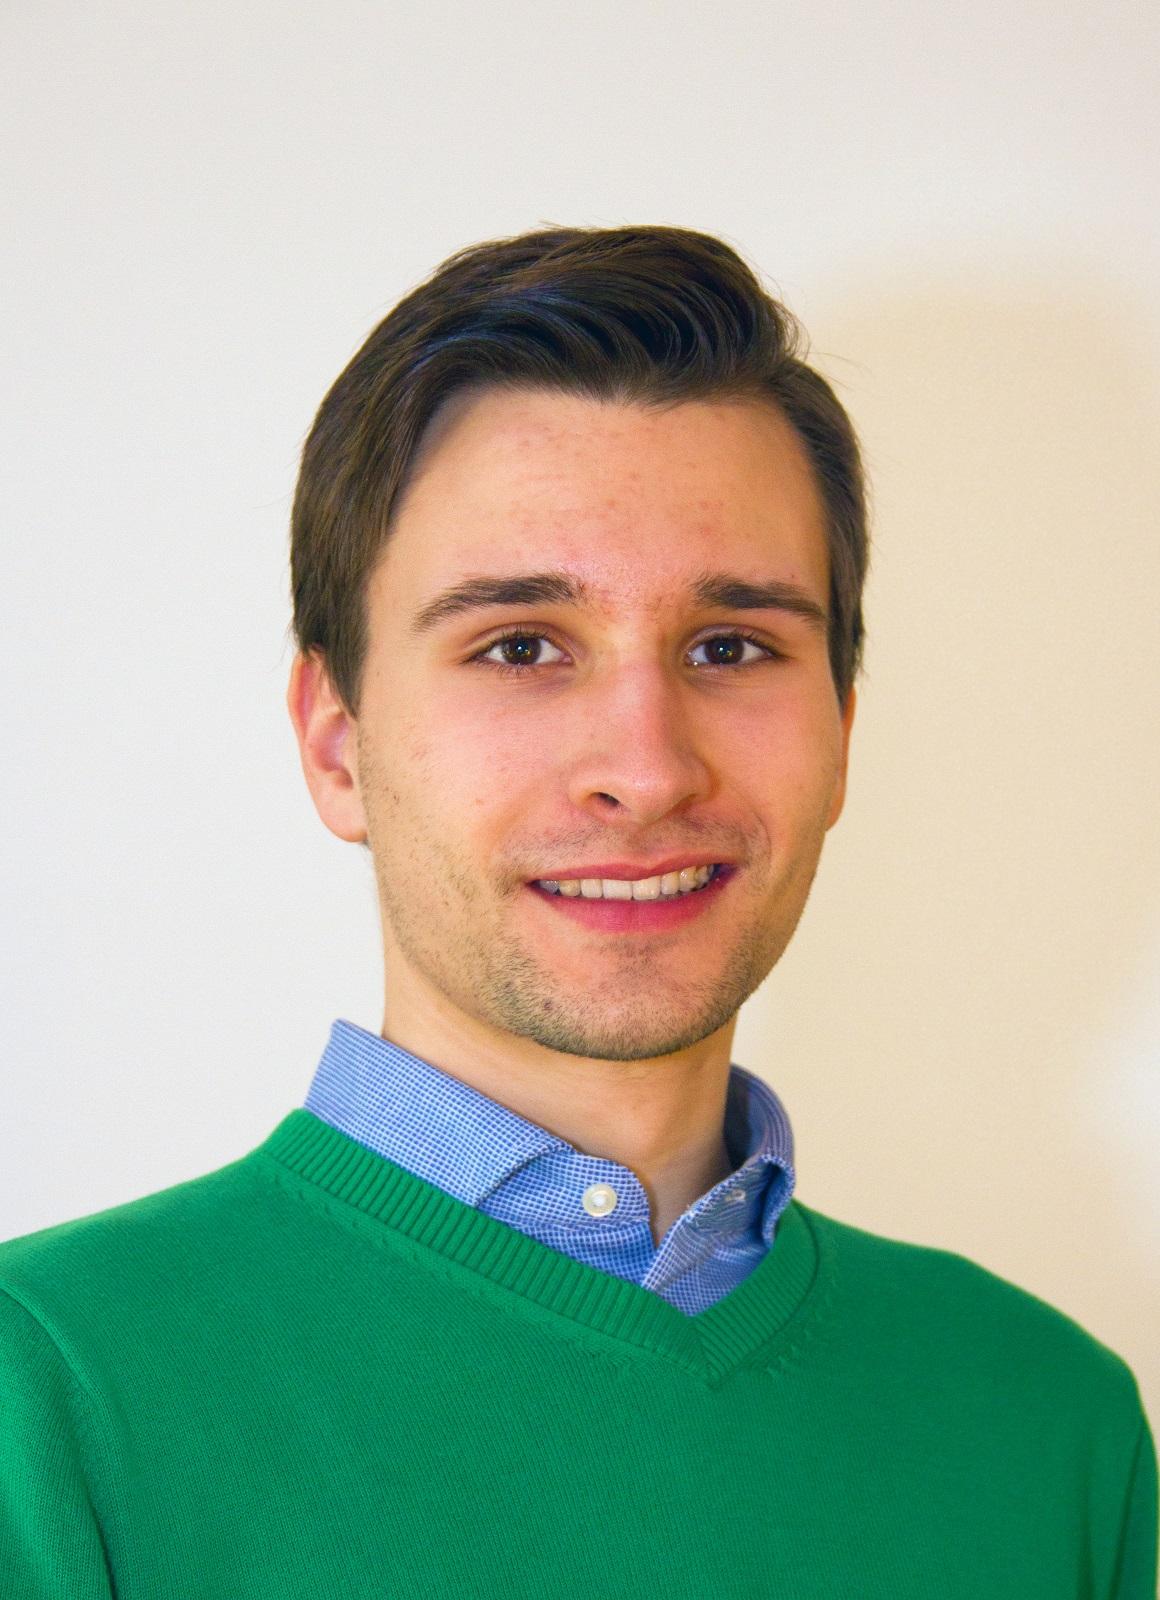 Marcus A. Müller